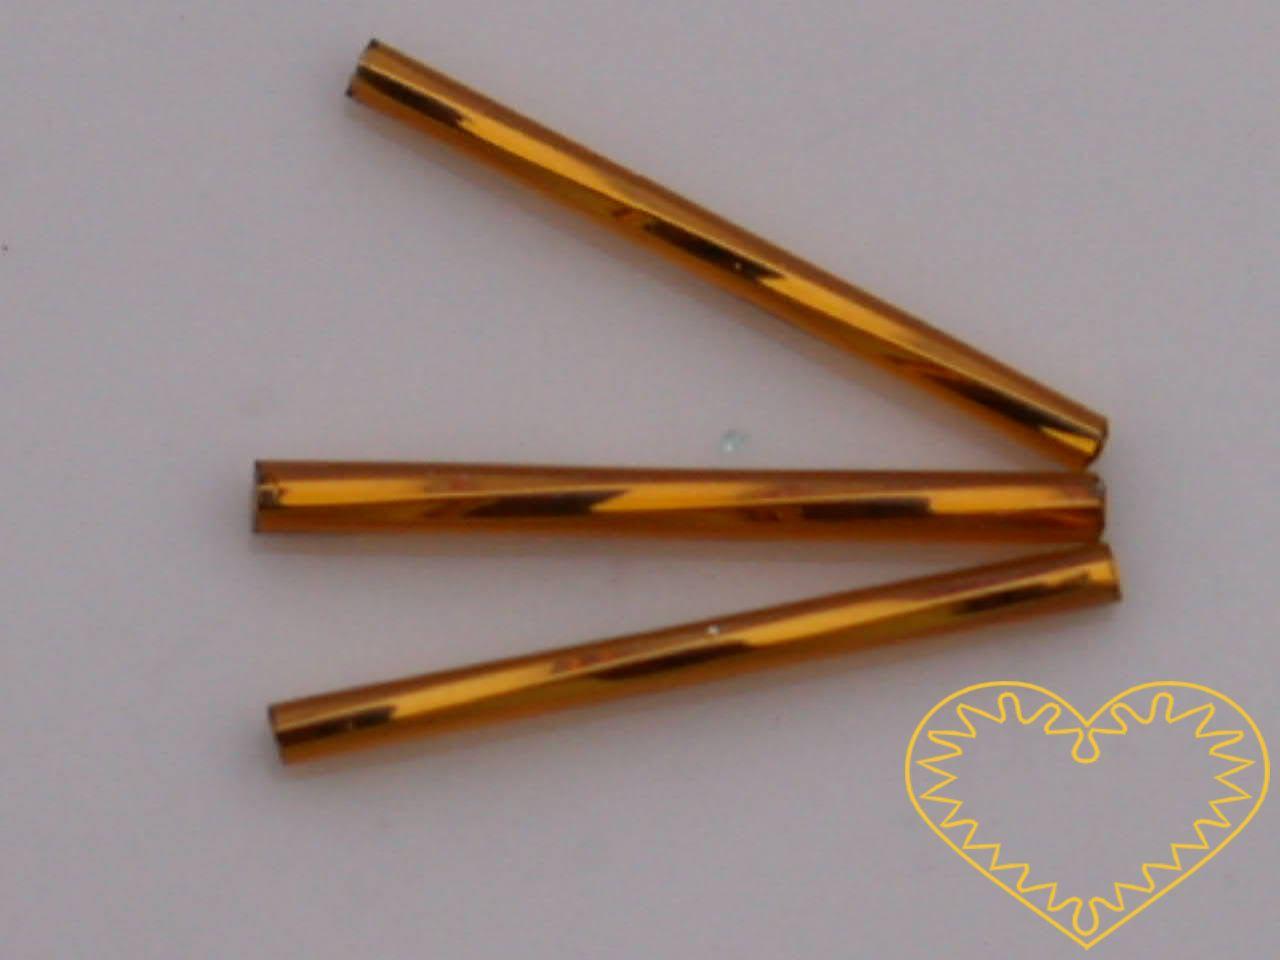 Rokajl - zlaté kroucené čípky délky cca 3 cm, s průtahem, balení 20 g. Vhodné na výrobu šperků i vánočních ozdob.